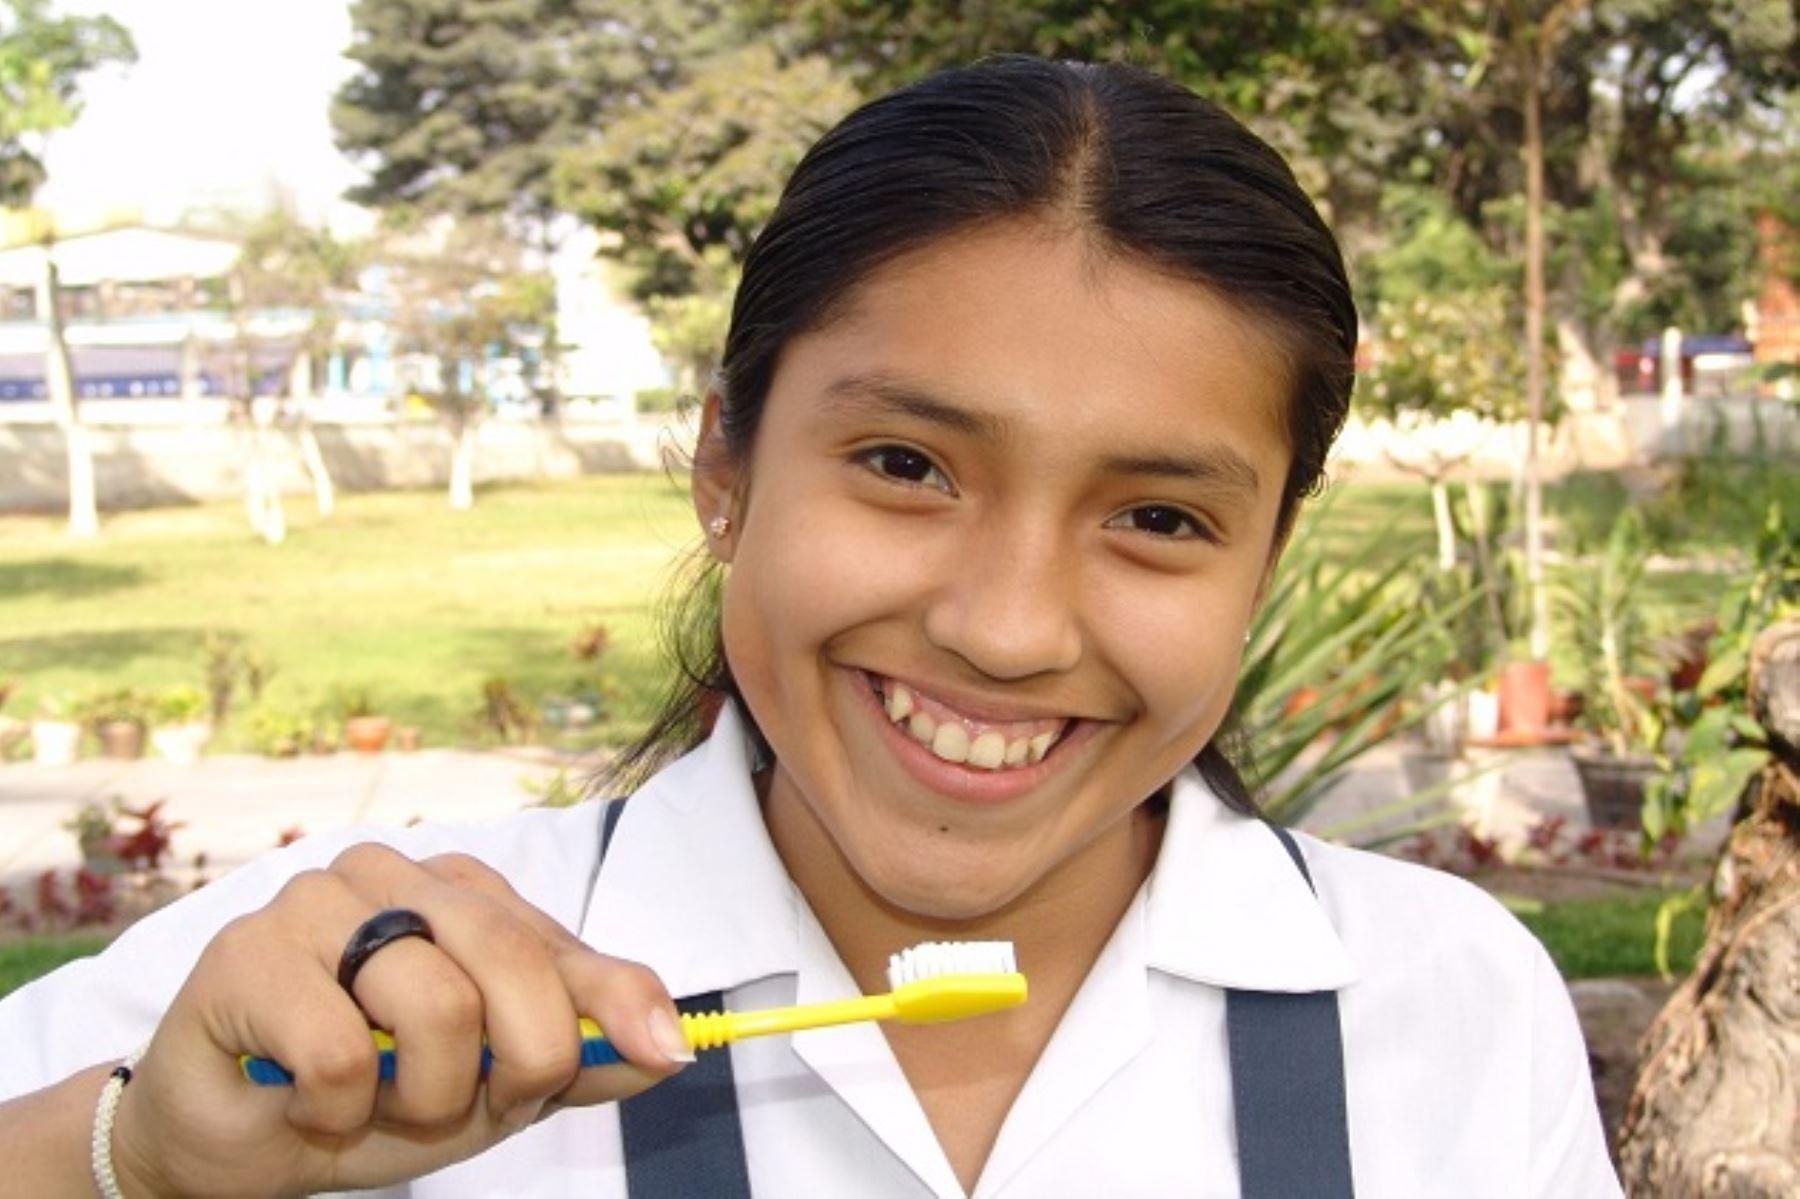 Minsa: 85% de niños menores de 11 años tiene caries dental por inadecuada higiene bucal. Foto: ANDINA/Difusión.